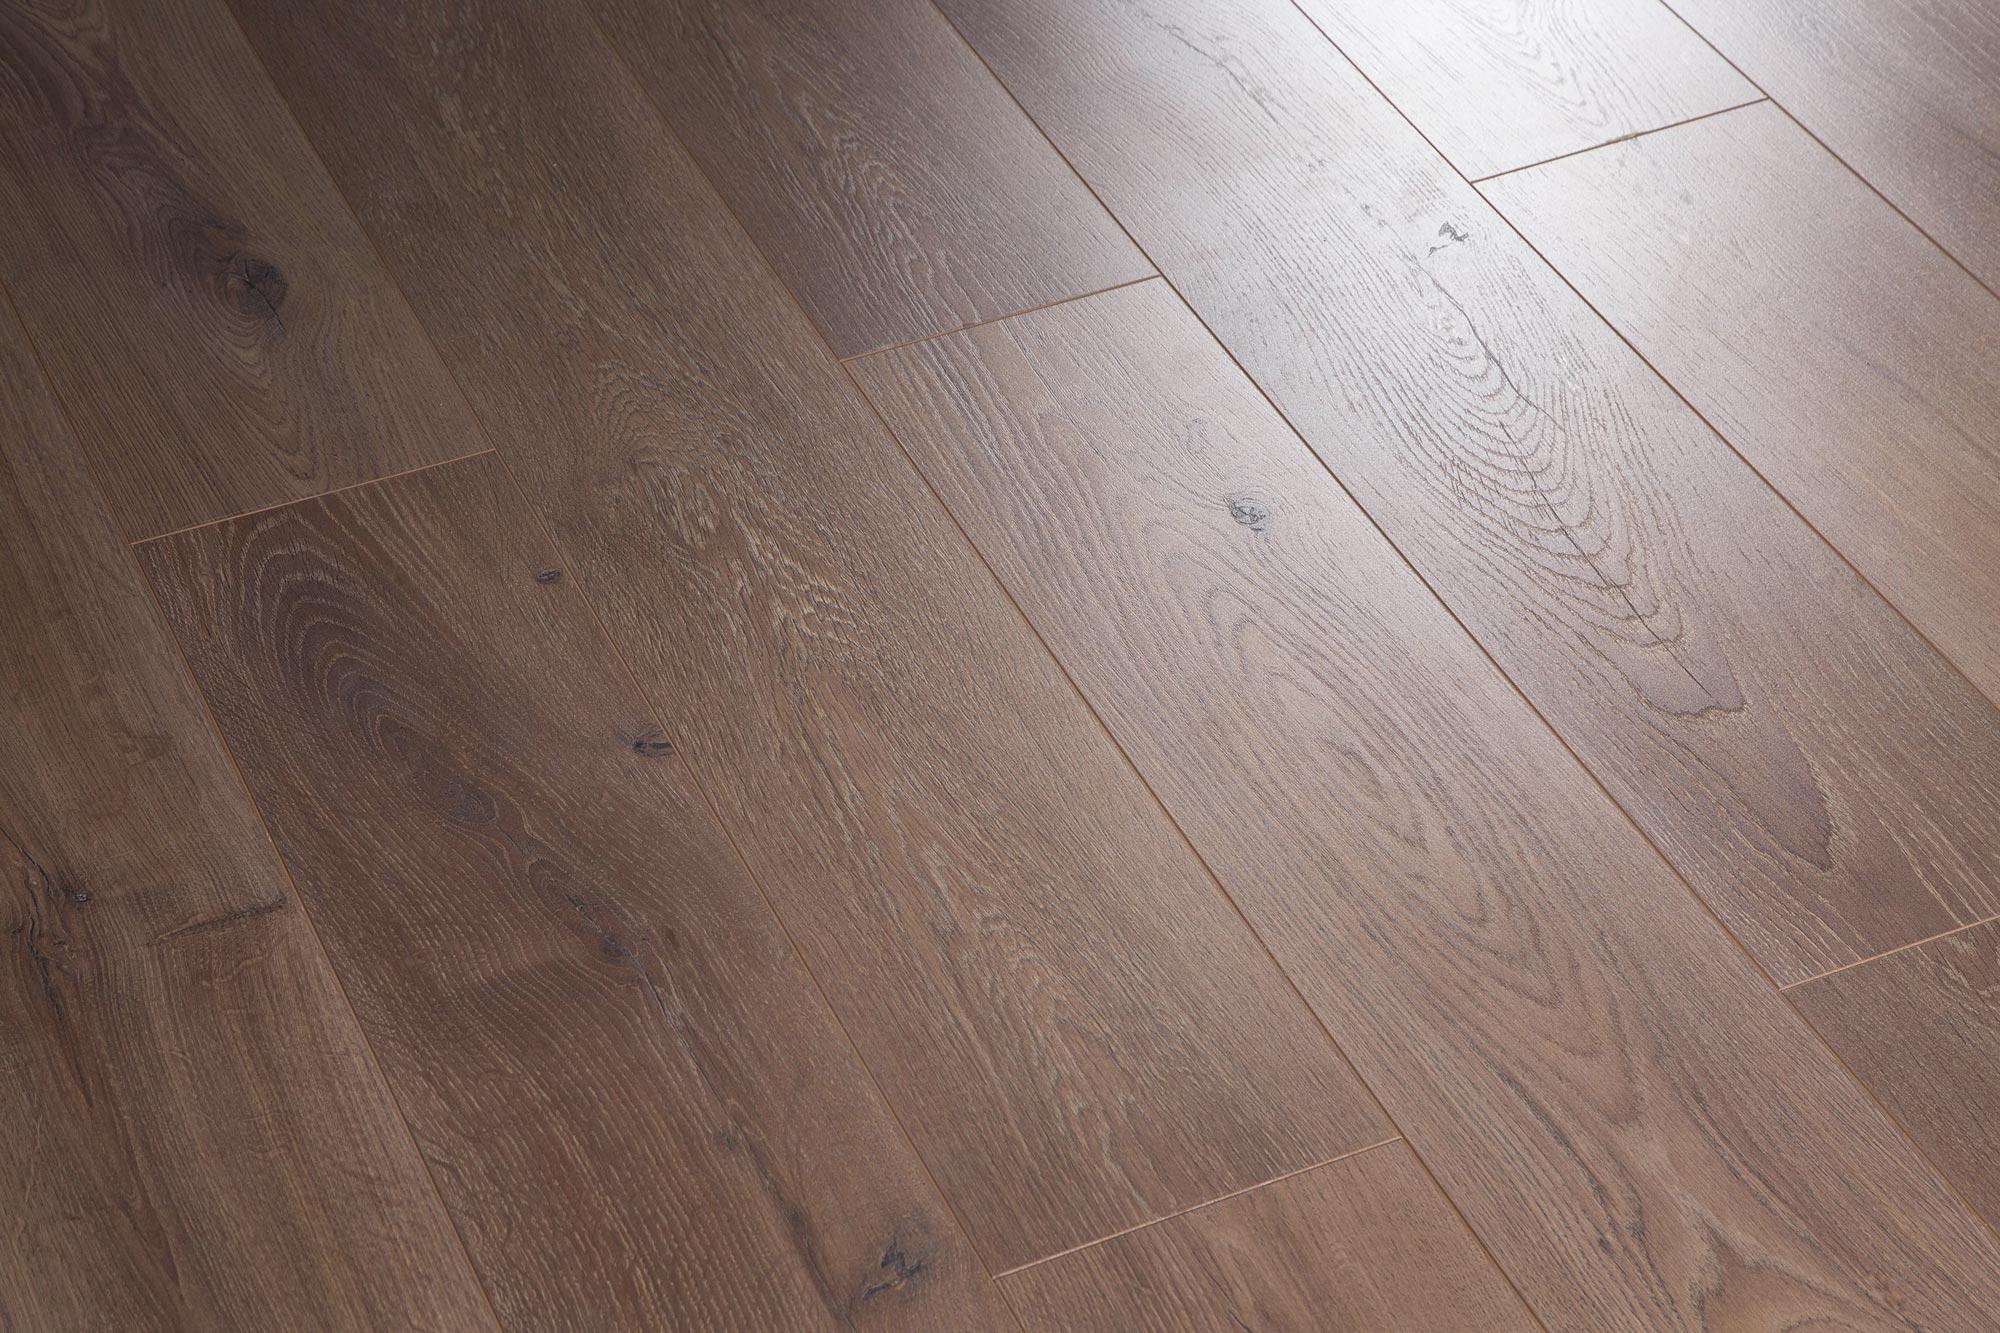 巴特萨克橡木强化地板